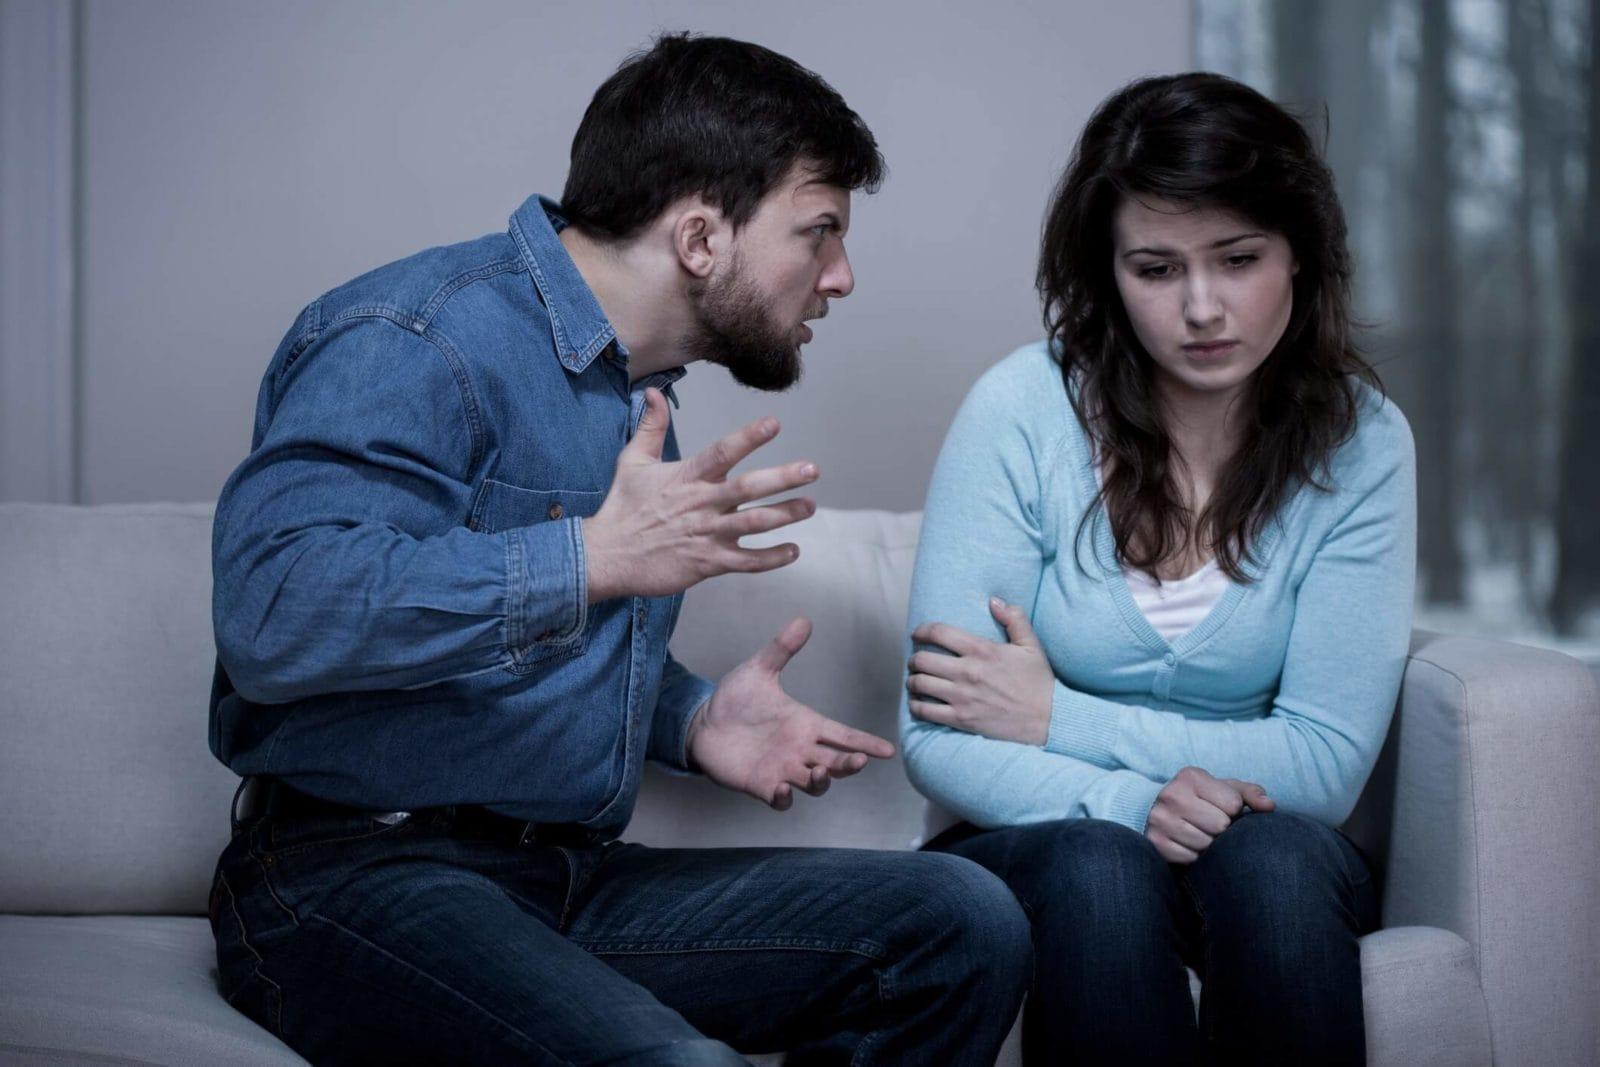 мужчина и женщина ругаются